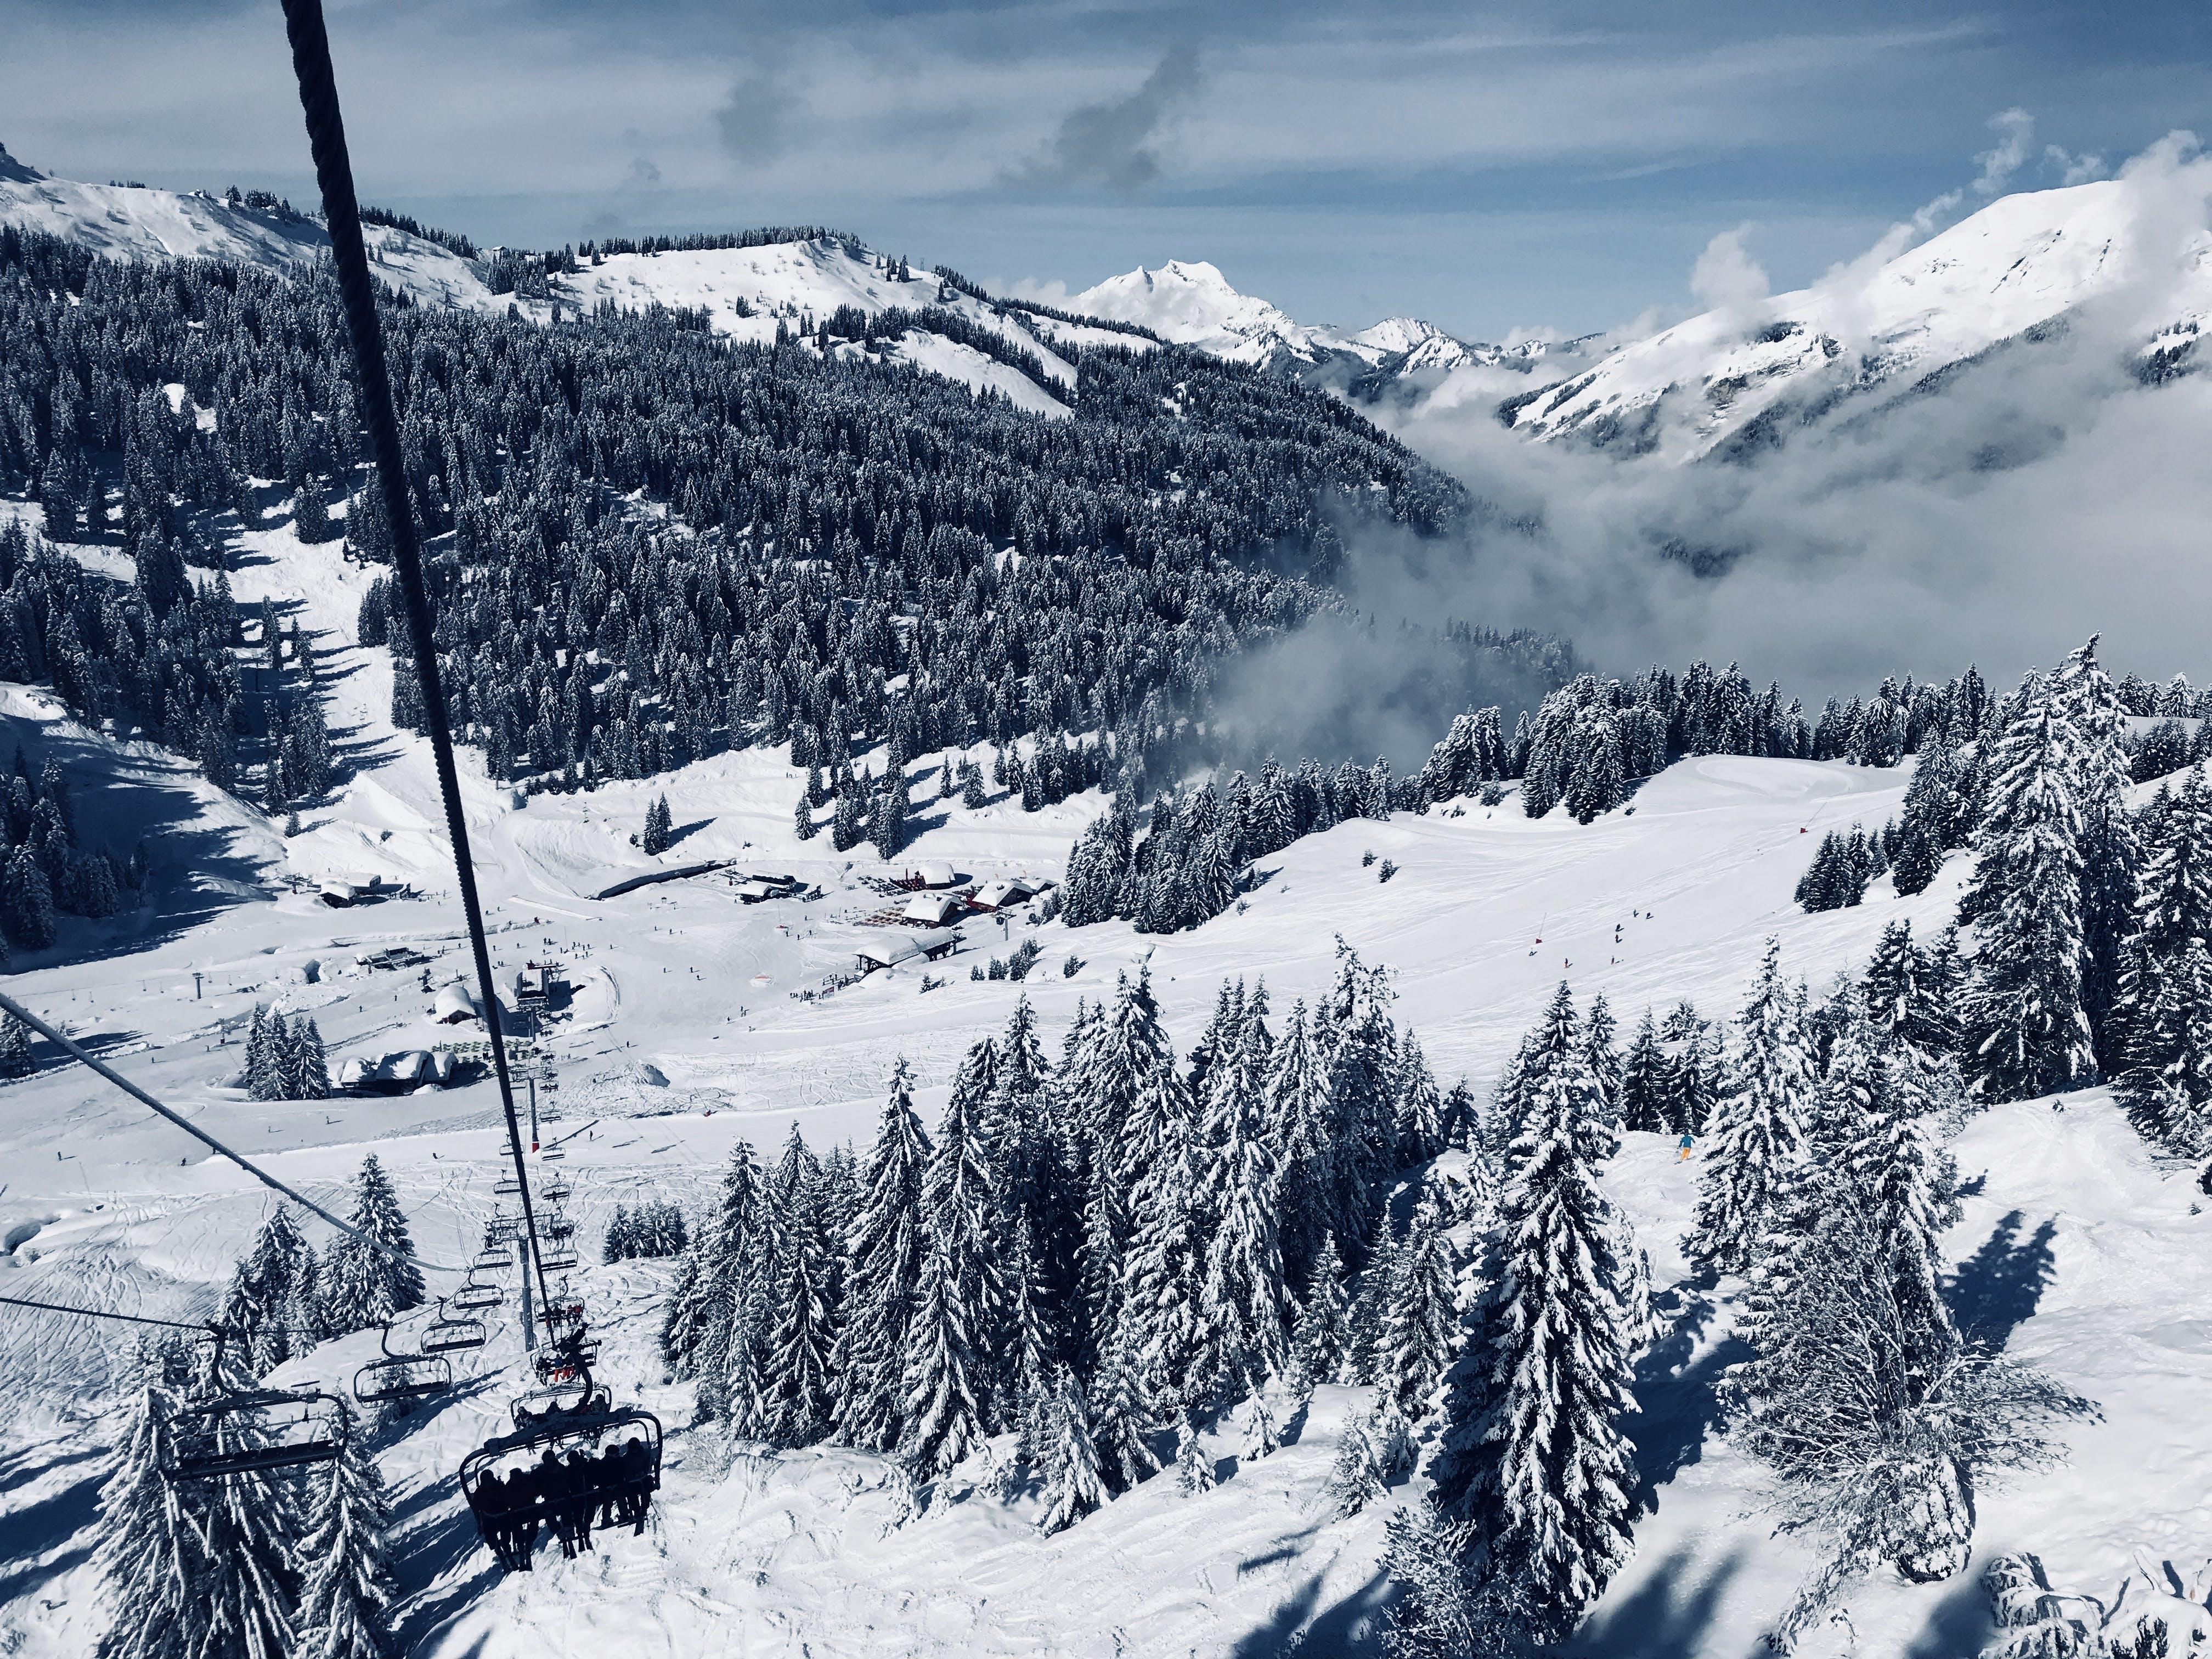 감기, 겨울, 겨울 풍경, 경치의 무료 스톡 사진